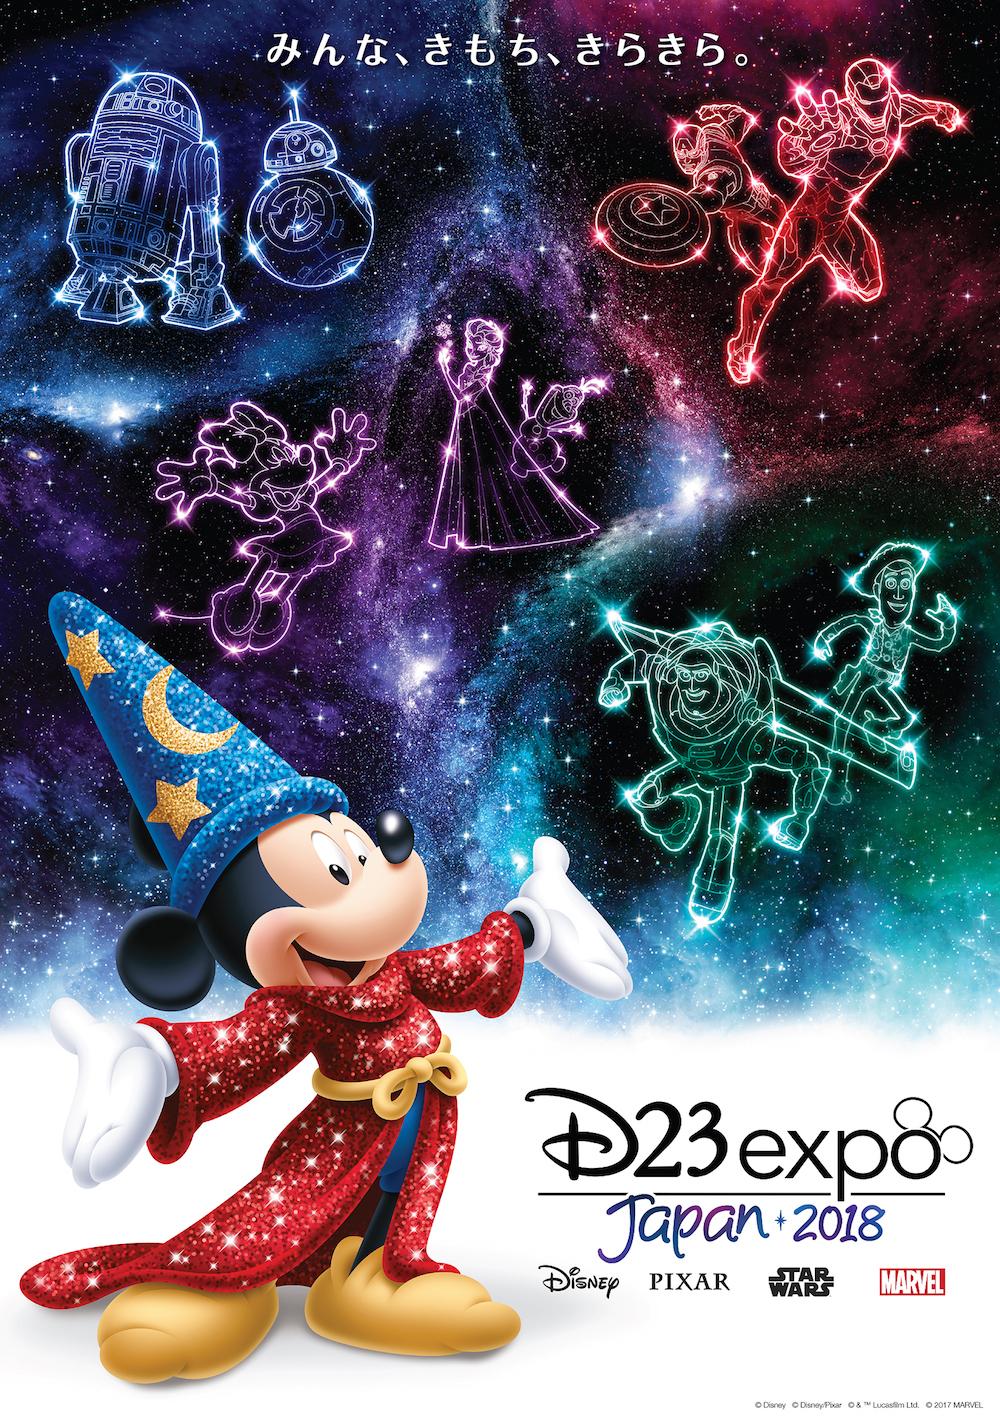 ディズニーファンのためのイベント『d23expojapan2018』詳細が明らかに